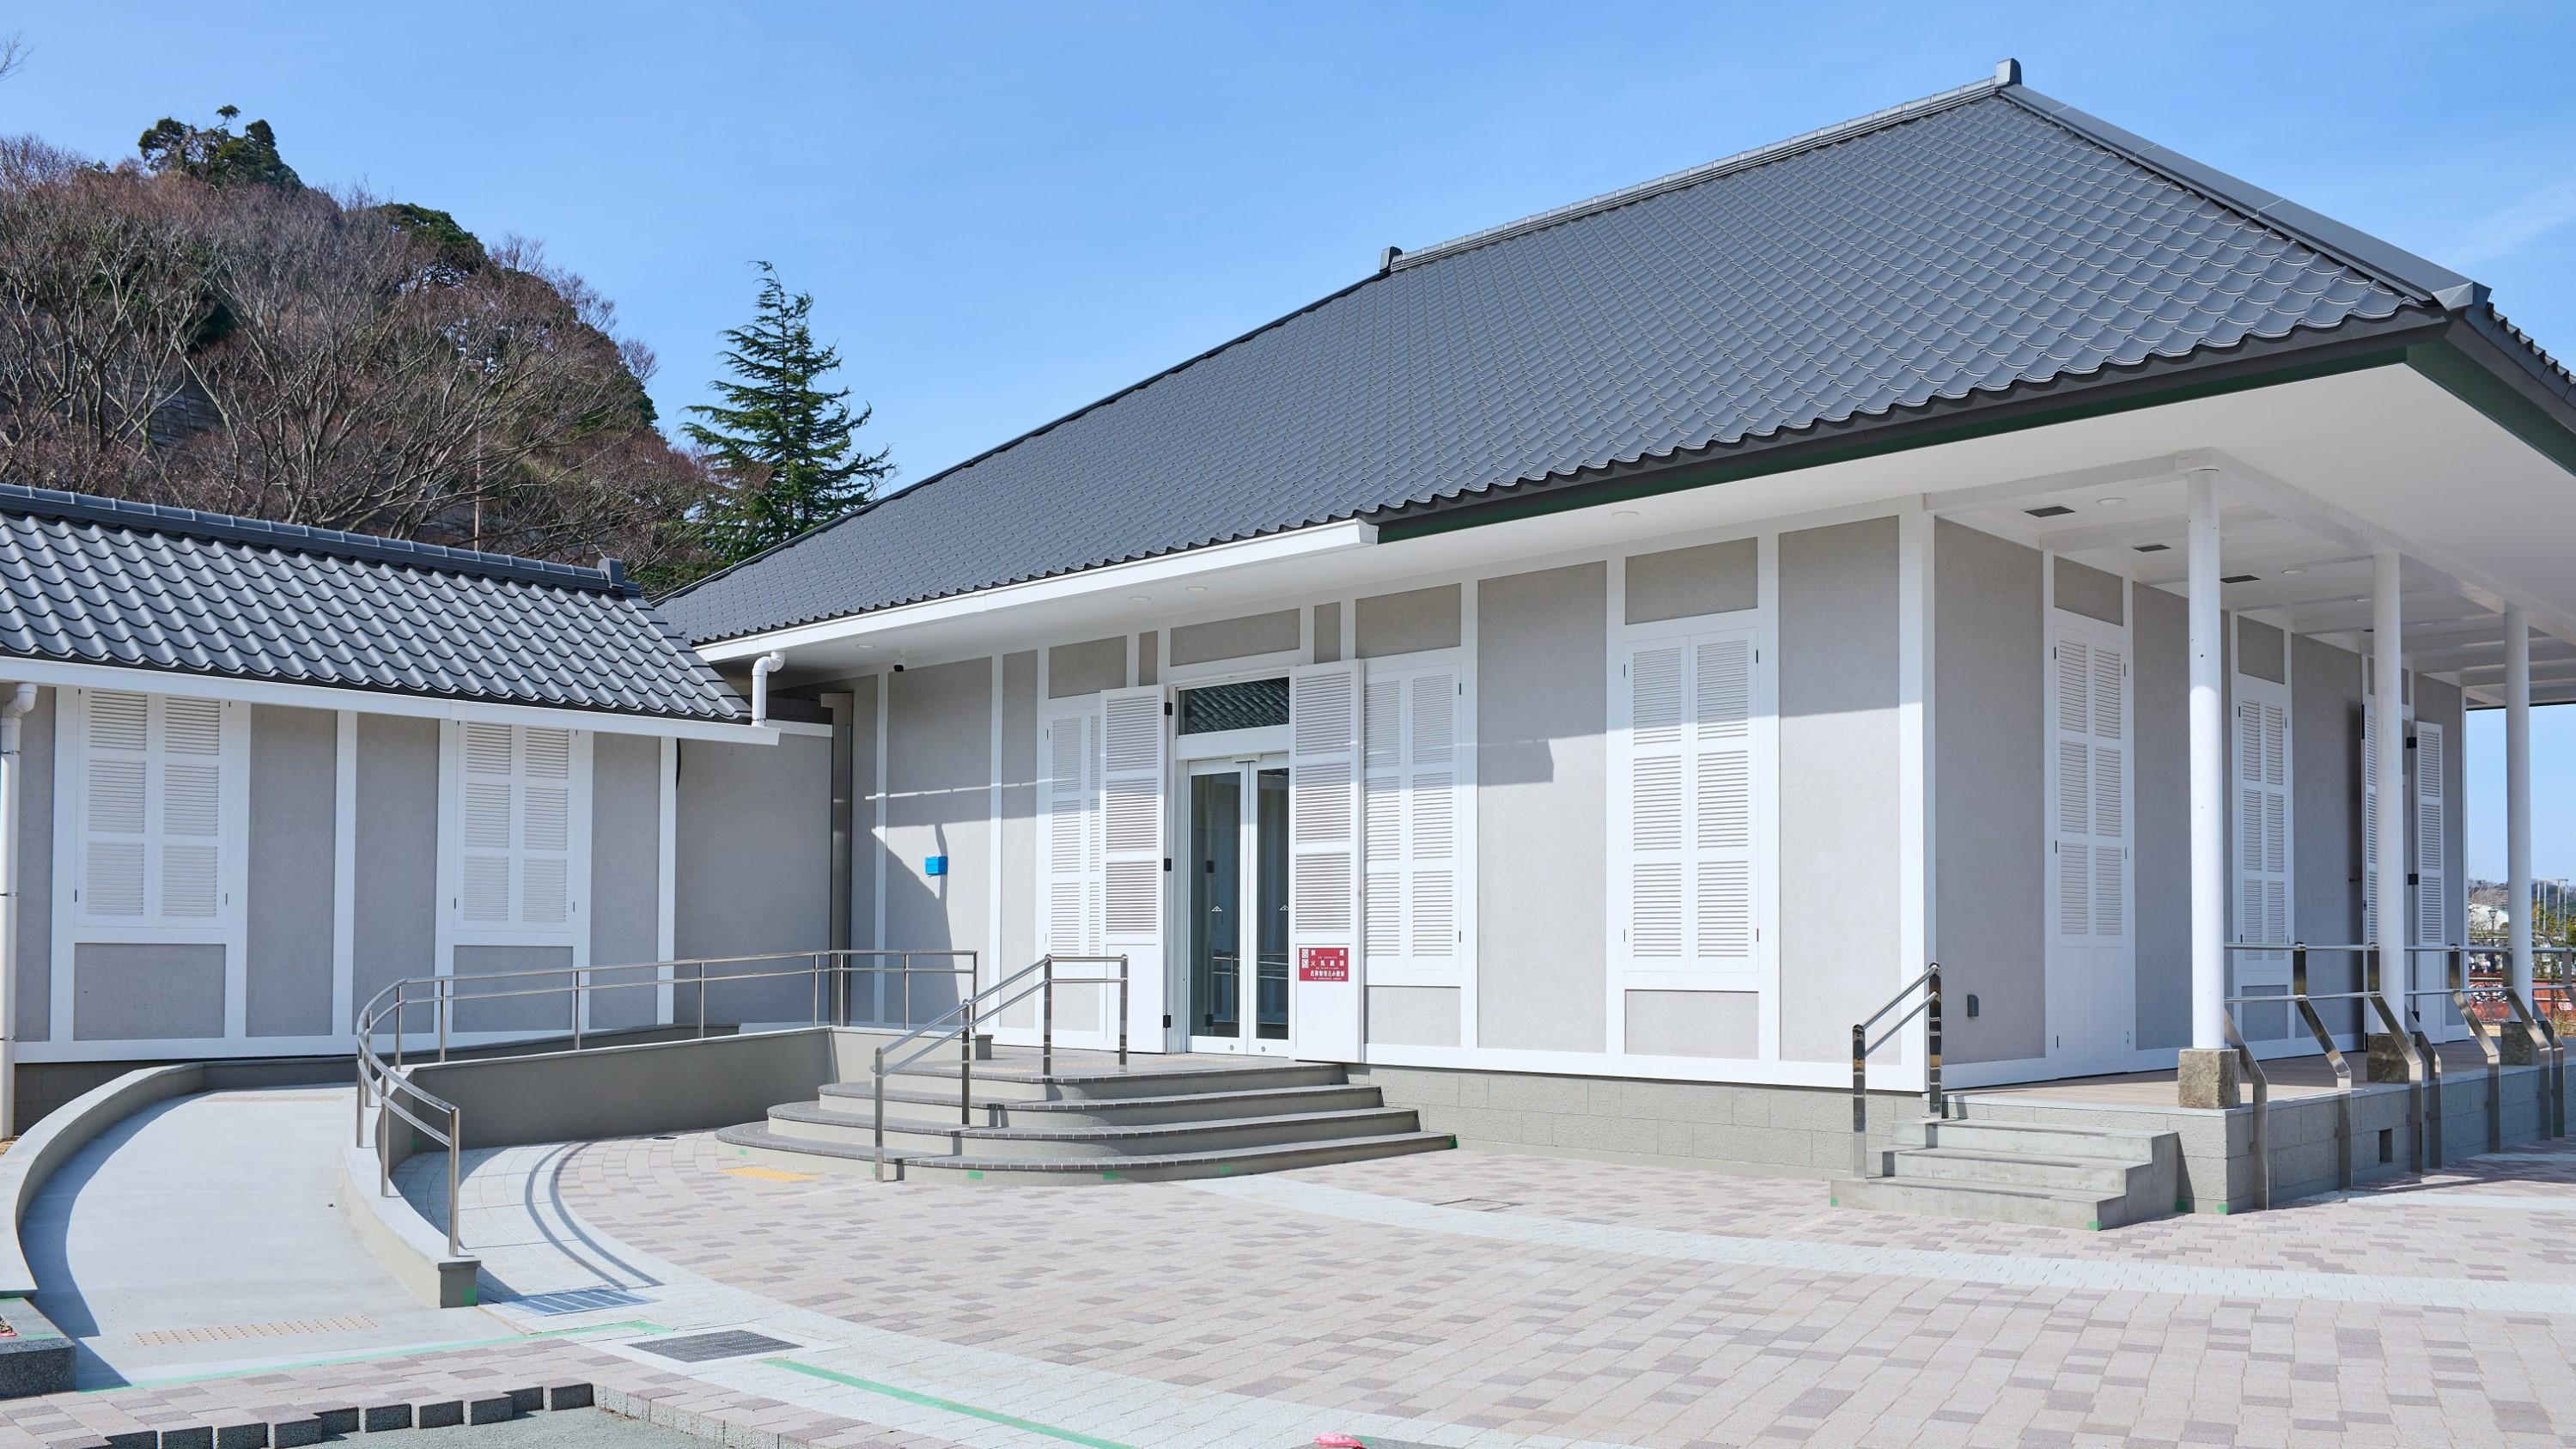 よこすか近代遺産ミュージアム ティボディエ邸 「横須賀造船所めぐり」